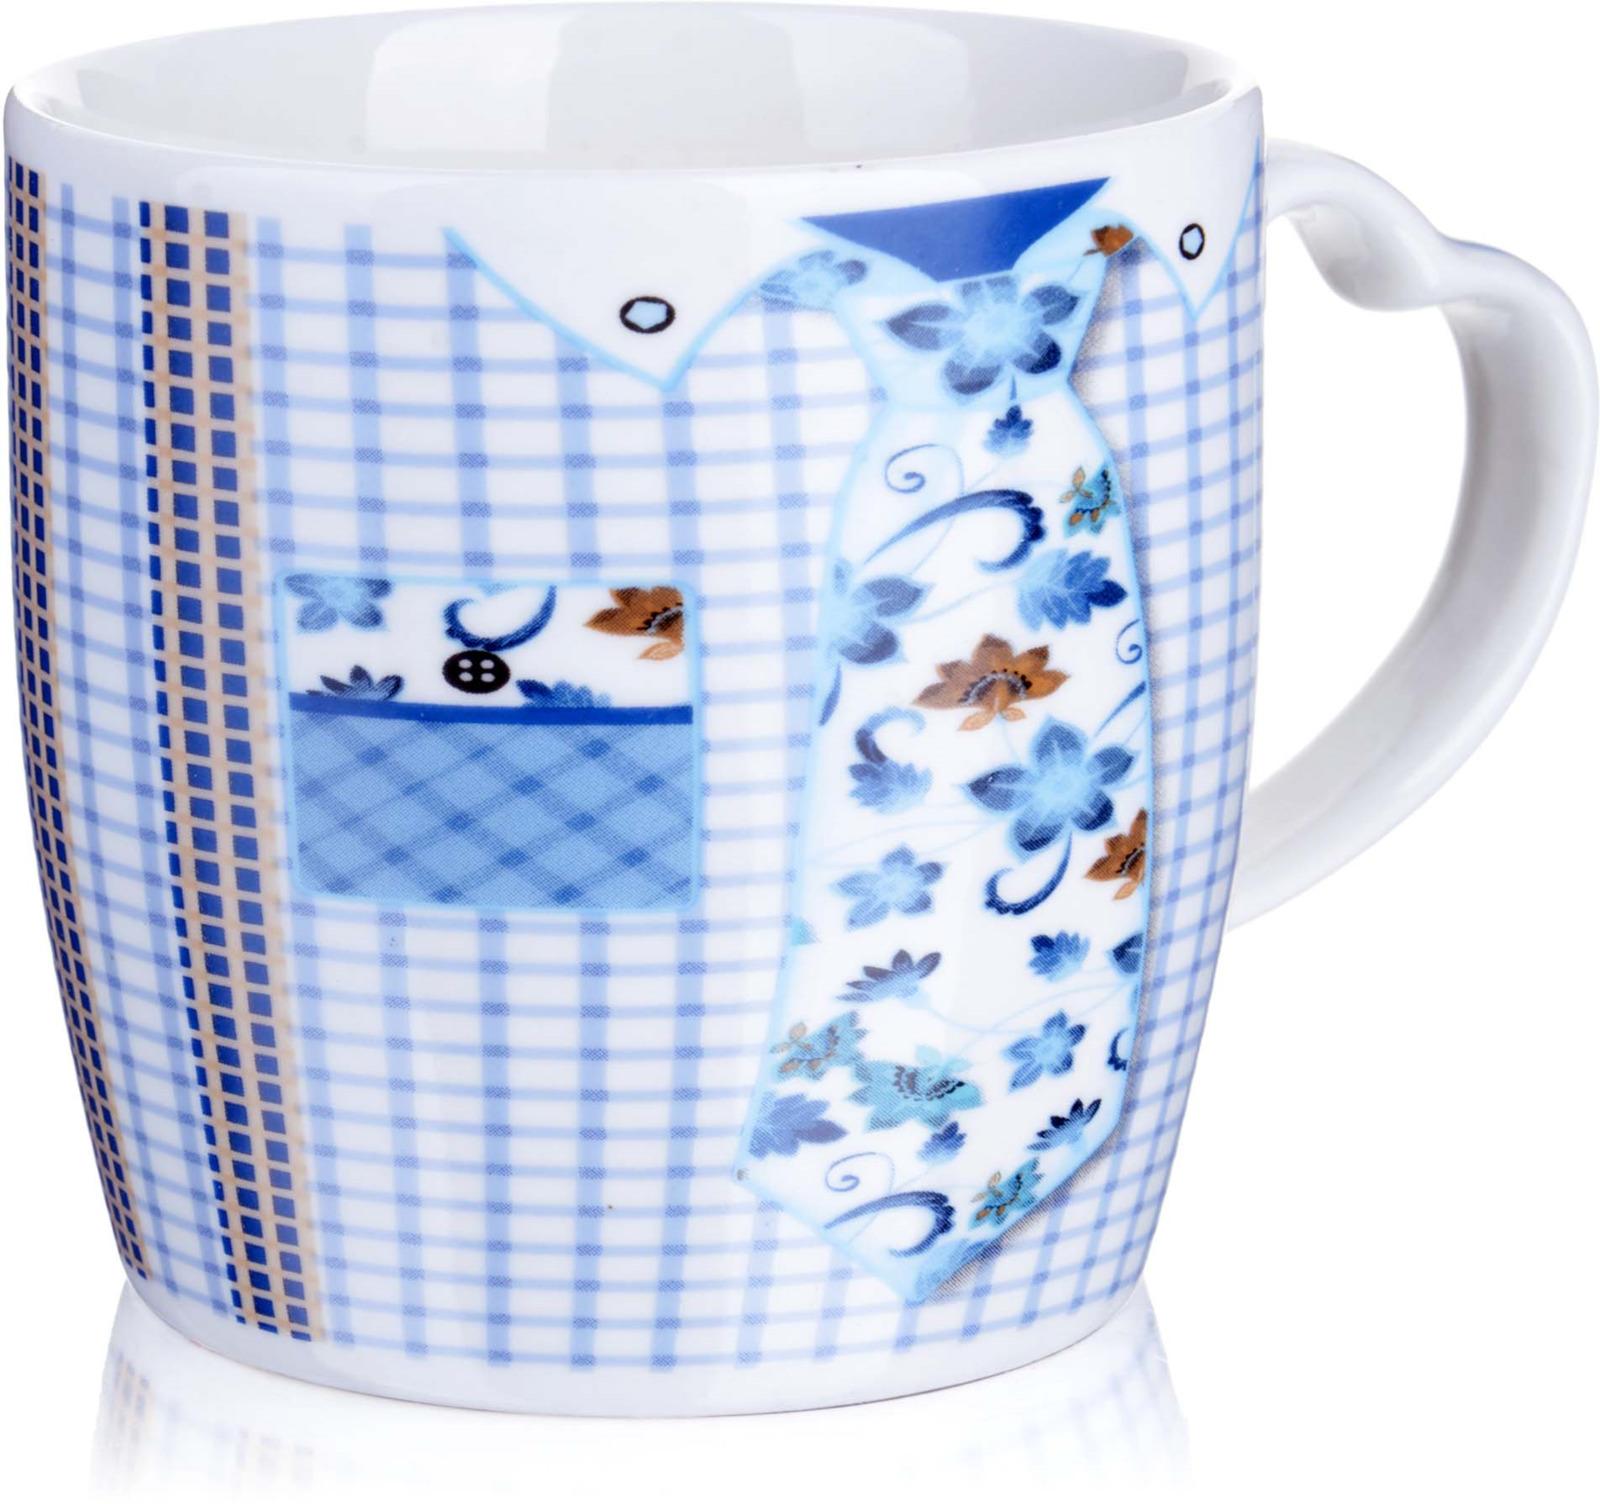 """Кружка, выполненная из керамики в оригинальном дизайне, станет красивым и полезным подарком для ваших родных и близких. Керамика - один из самых древних материалов, который использовали наши предки для изготовления посуды. С древних времен и до наших дней, керамическая посуда занимала важное место на кухне многих хозяек. Сегодня керамическая посуда по-прежнему пользуется большой популярностью и это не удивительно, ведь керамика - экологически чистый материал, который не наносит вреда здоровью, а кроме того керамическая посуда отличается большим разнообразие, поэтому каждый может выбрать изделие по своему вкусу. Кружка украшена ярким рисунком и имеет удобную ручку в форме """"сердца"""". В подарочной упаковке. Подходит для мытья в посудомоечной машине."""